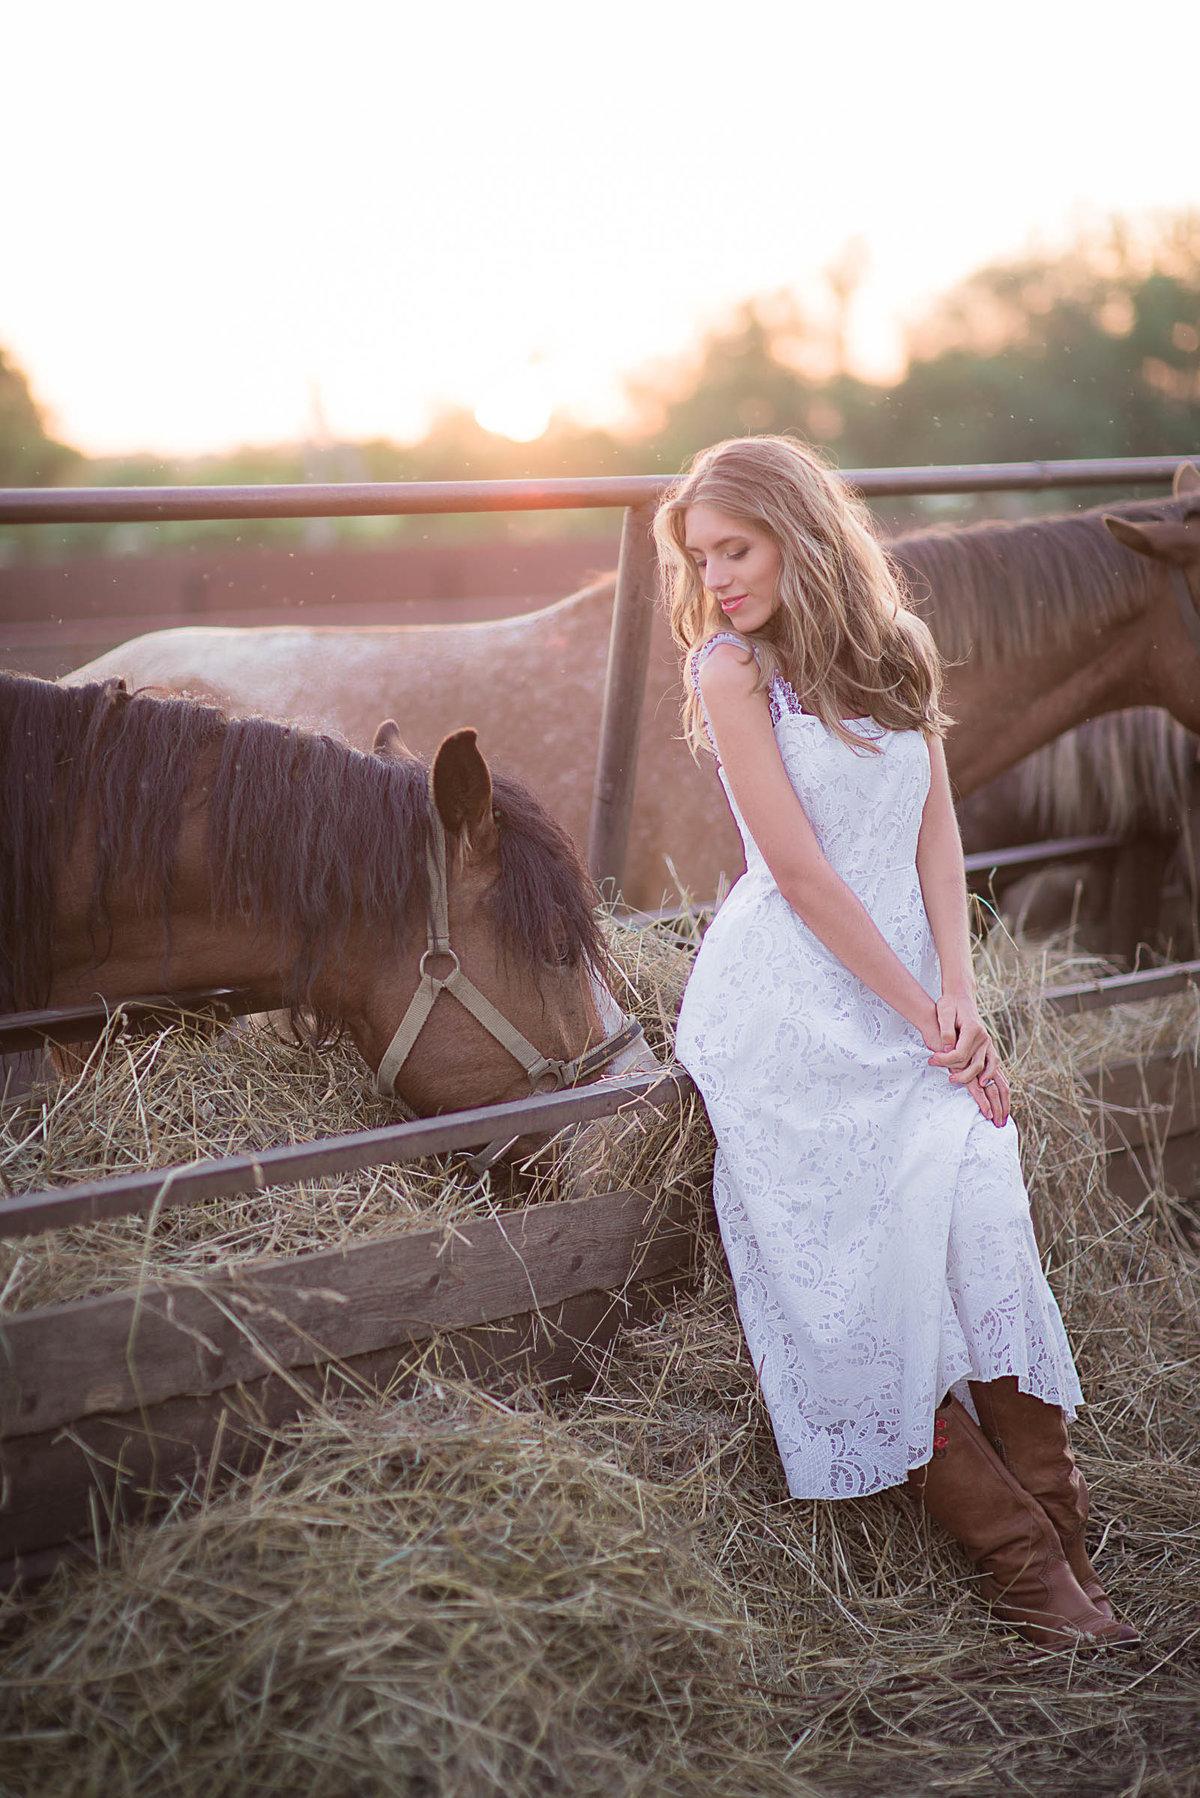 Фото в стиле кантри с лошадью